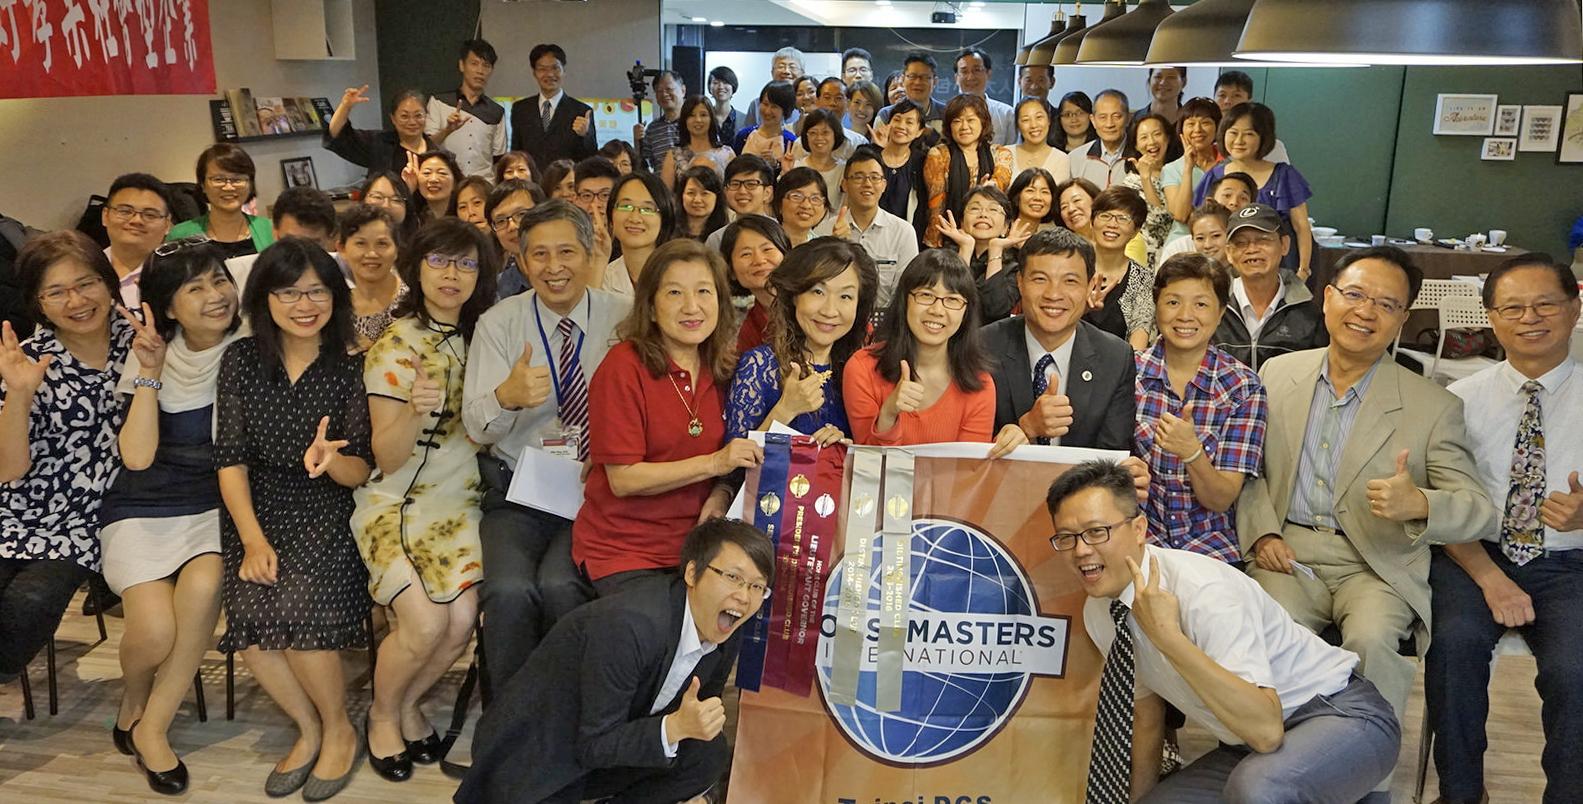 中華民國國際演講協會